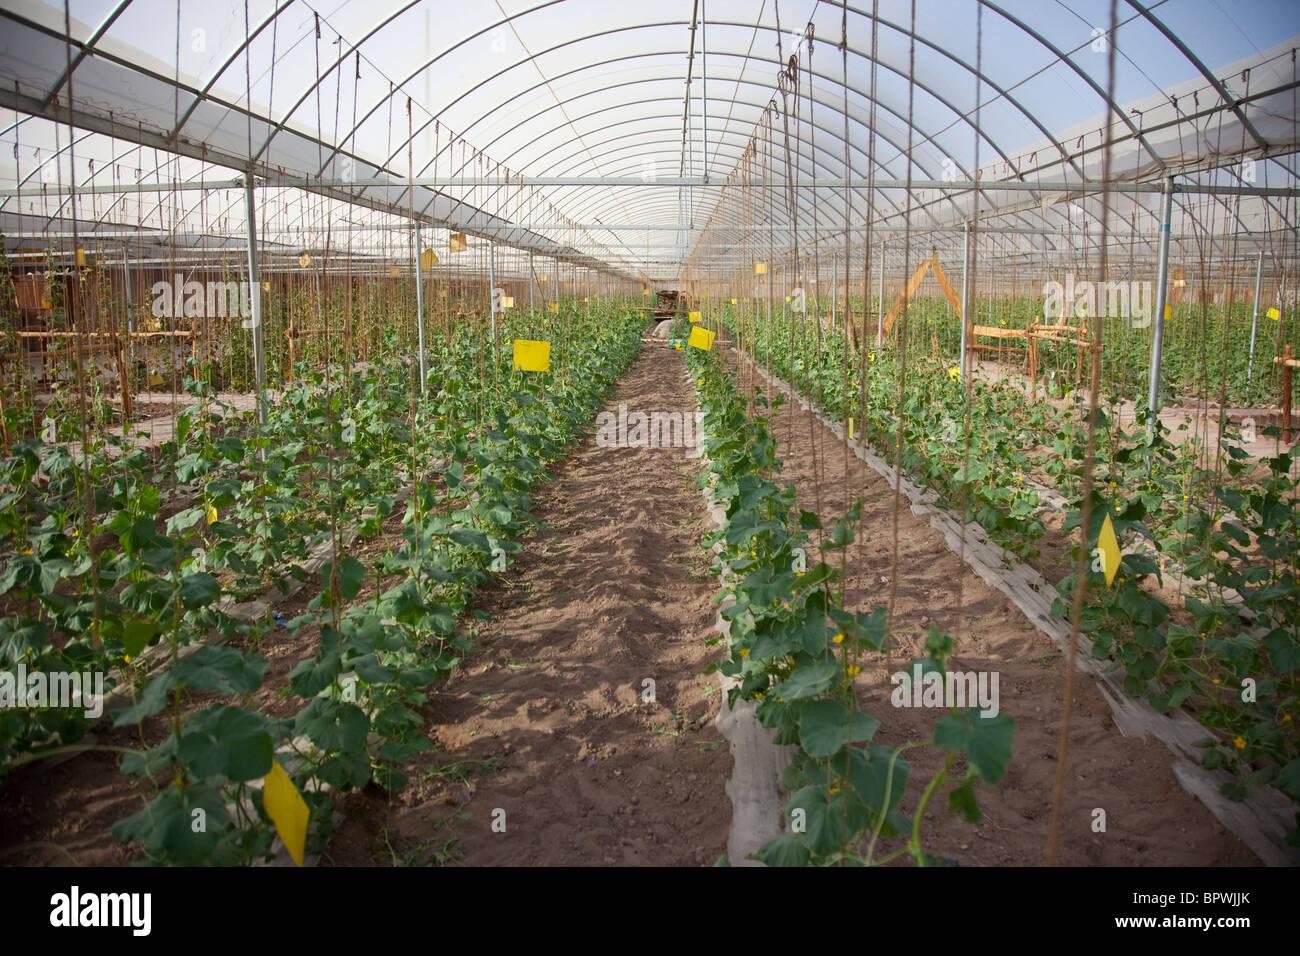 Green house in Turpan, Xinjiang, China. - Stock Image